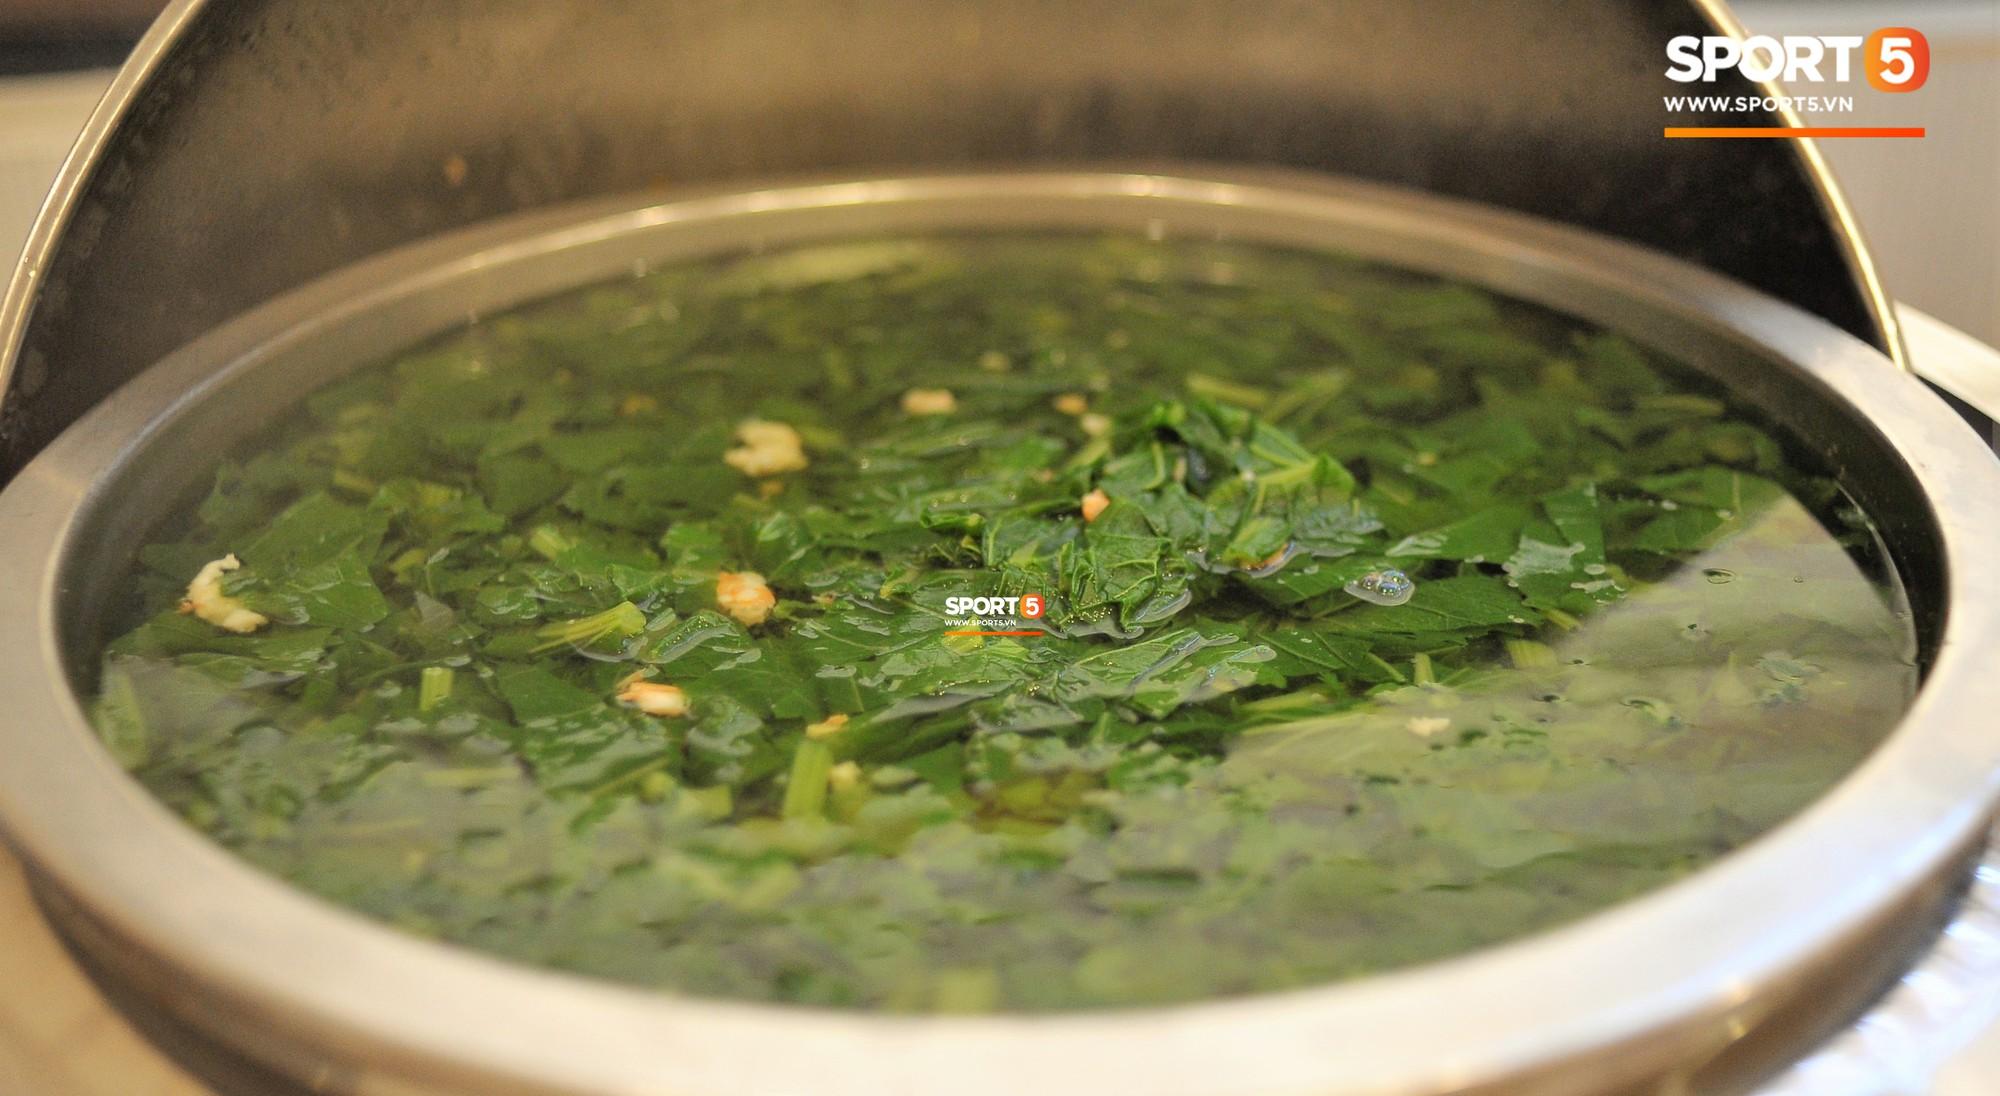 Bữa ăn đậm hương vị quê hương của các tuyển thủ tuyển Việt Nam khi đến Lào-10